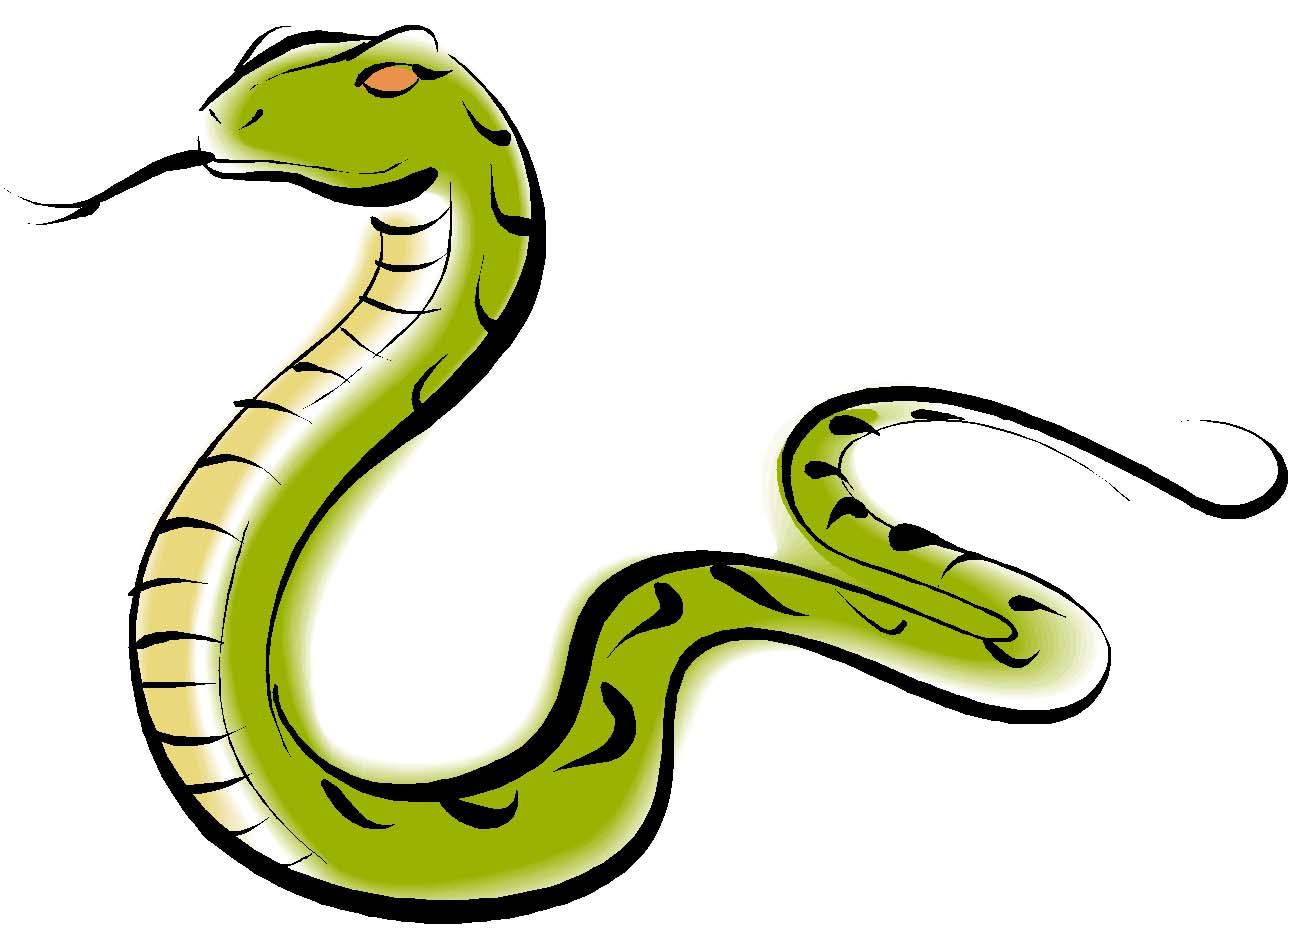 Snake Clipart - Snake Clip Art